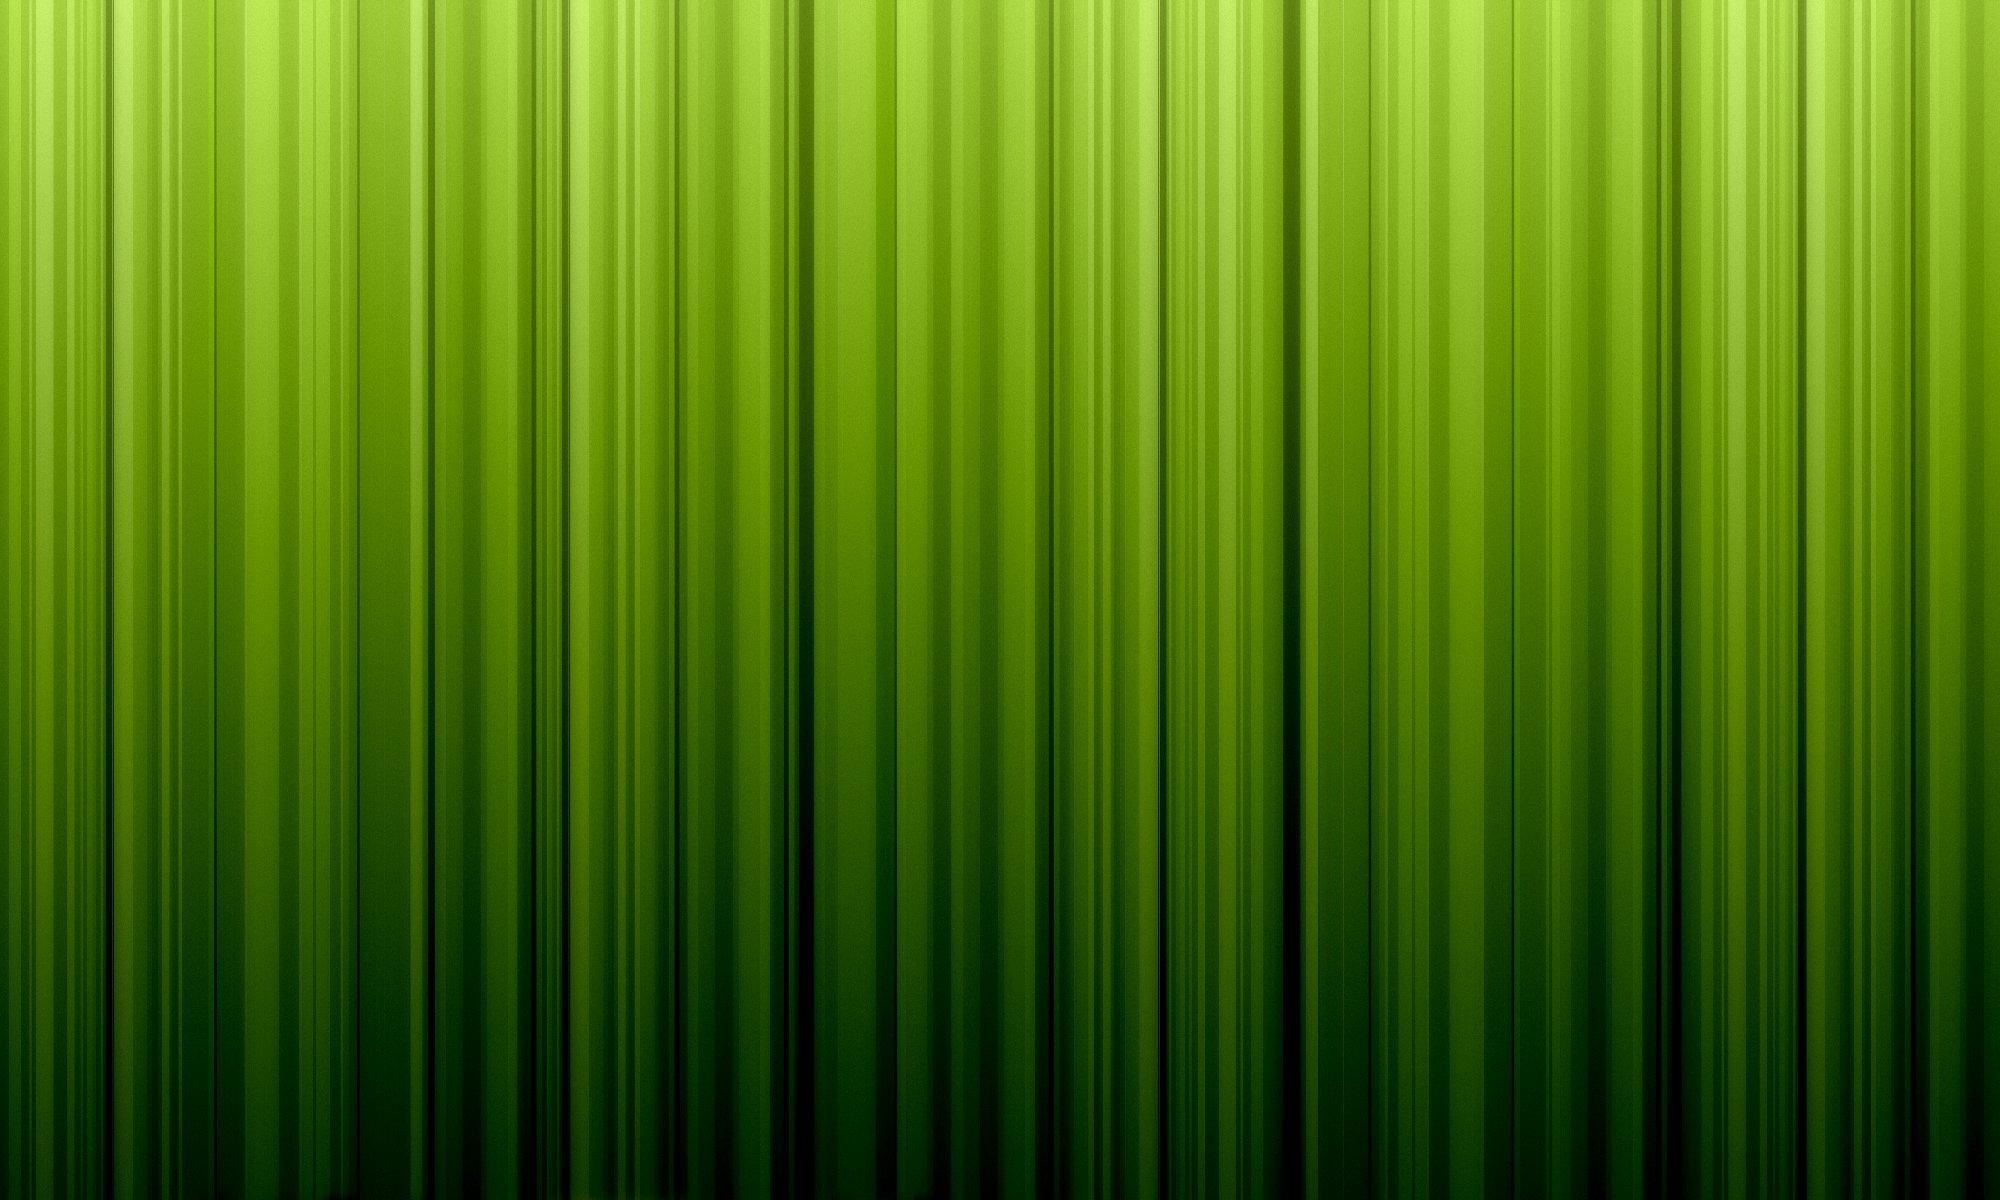 5.0/trisquel-wallpapers/data/usr/share/backgrounds/dagda-g.jpg